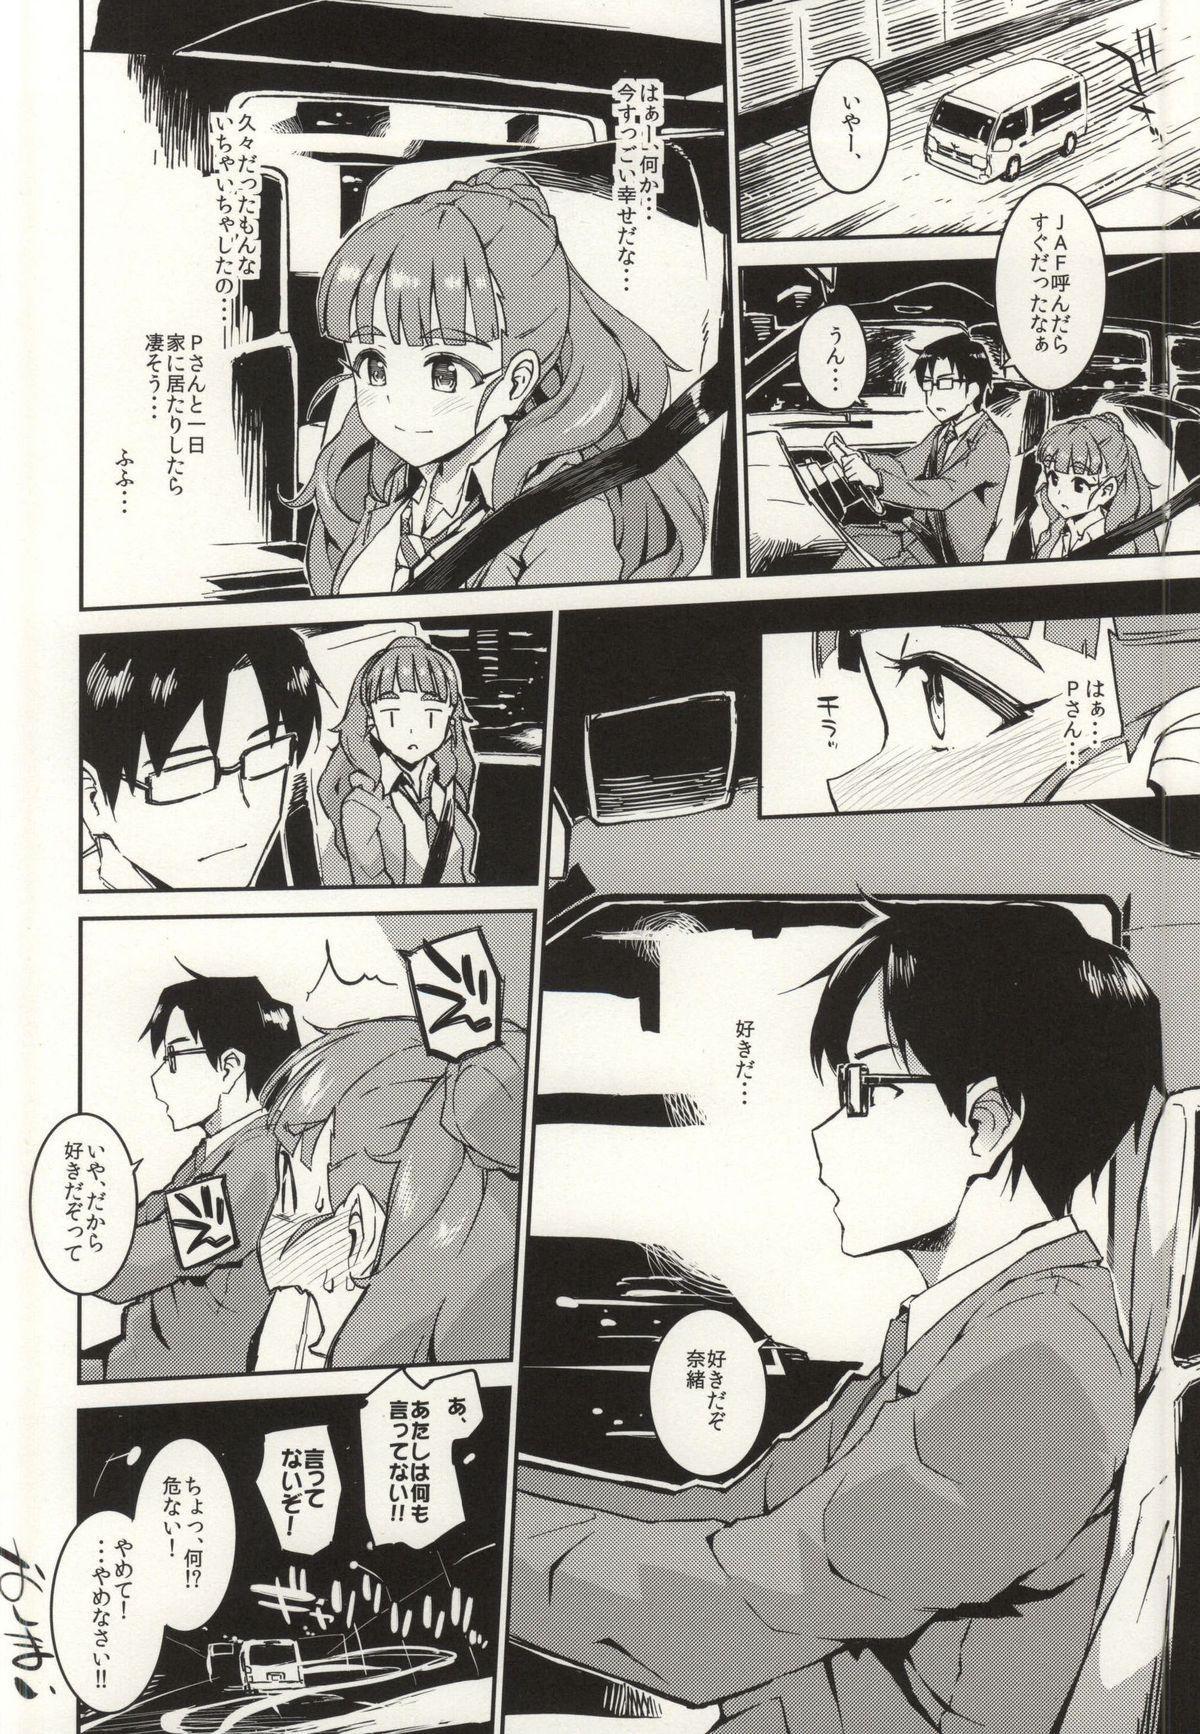 Nao-chan to Asedaku de Suru Hon 18